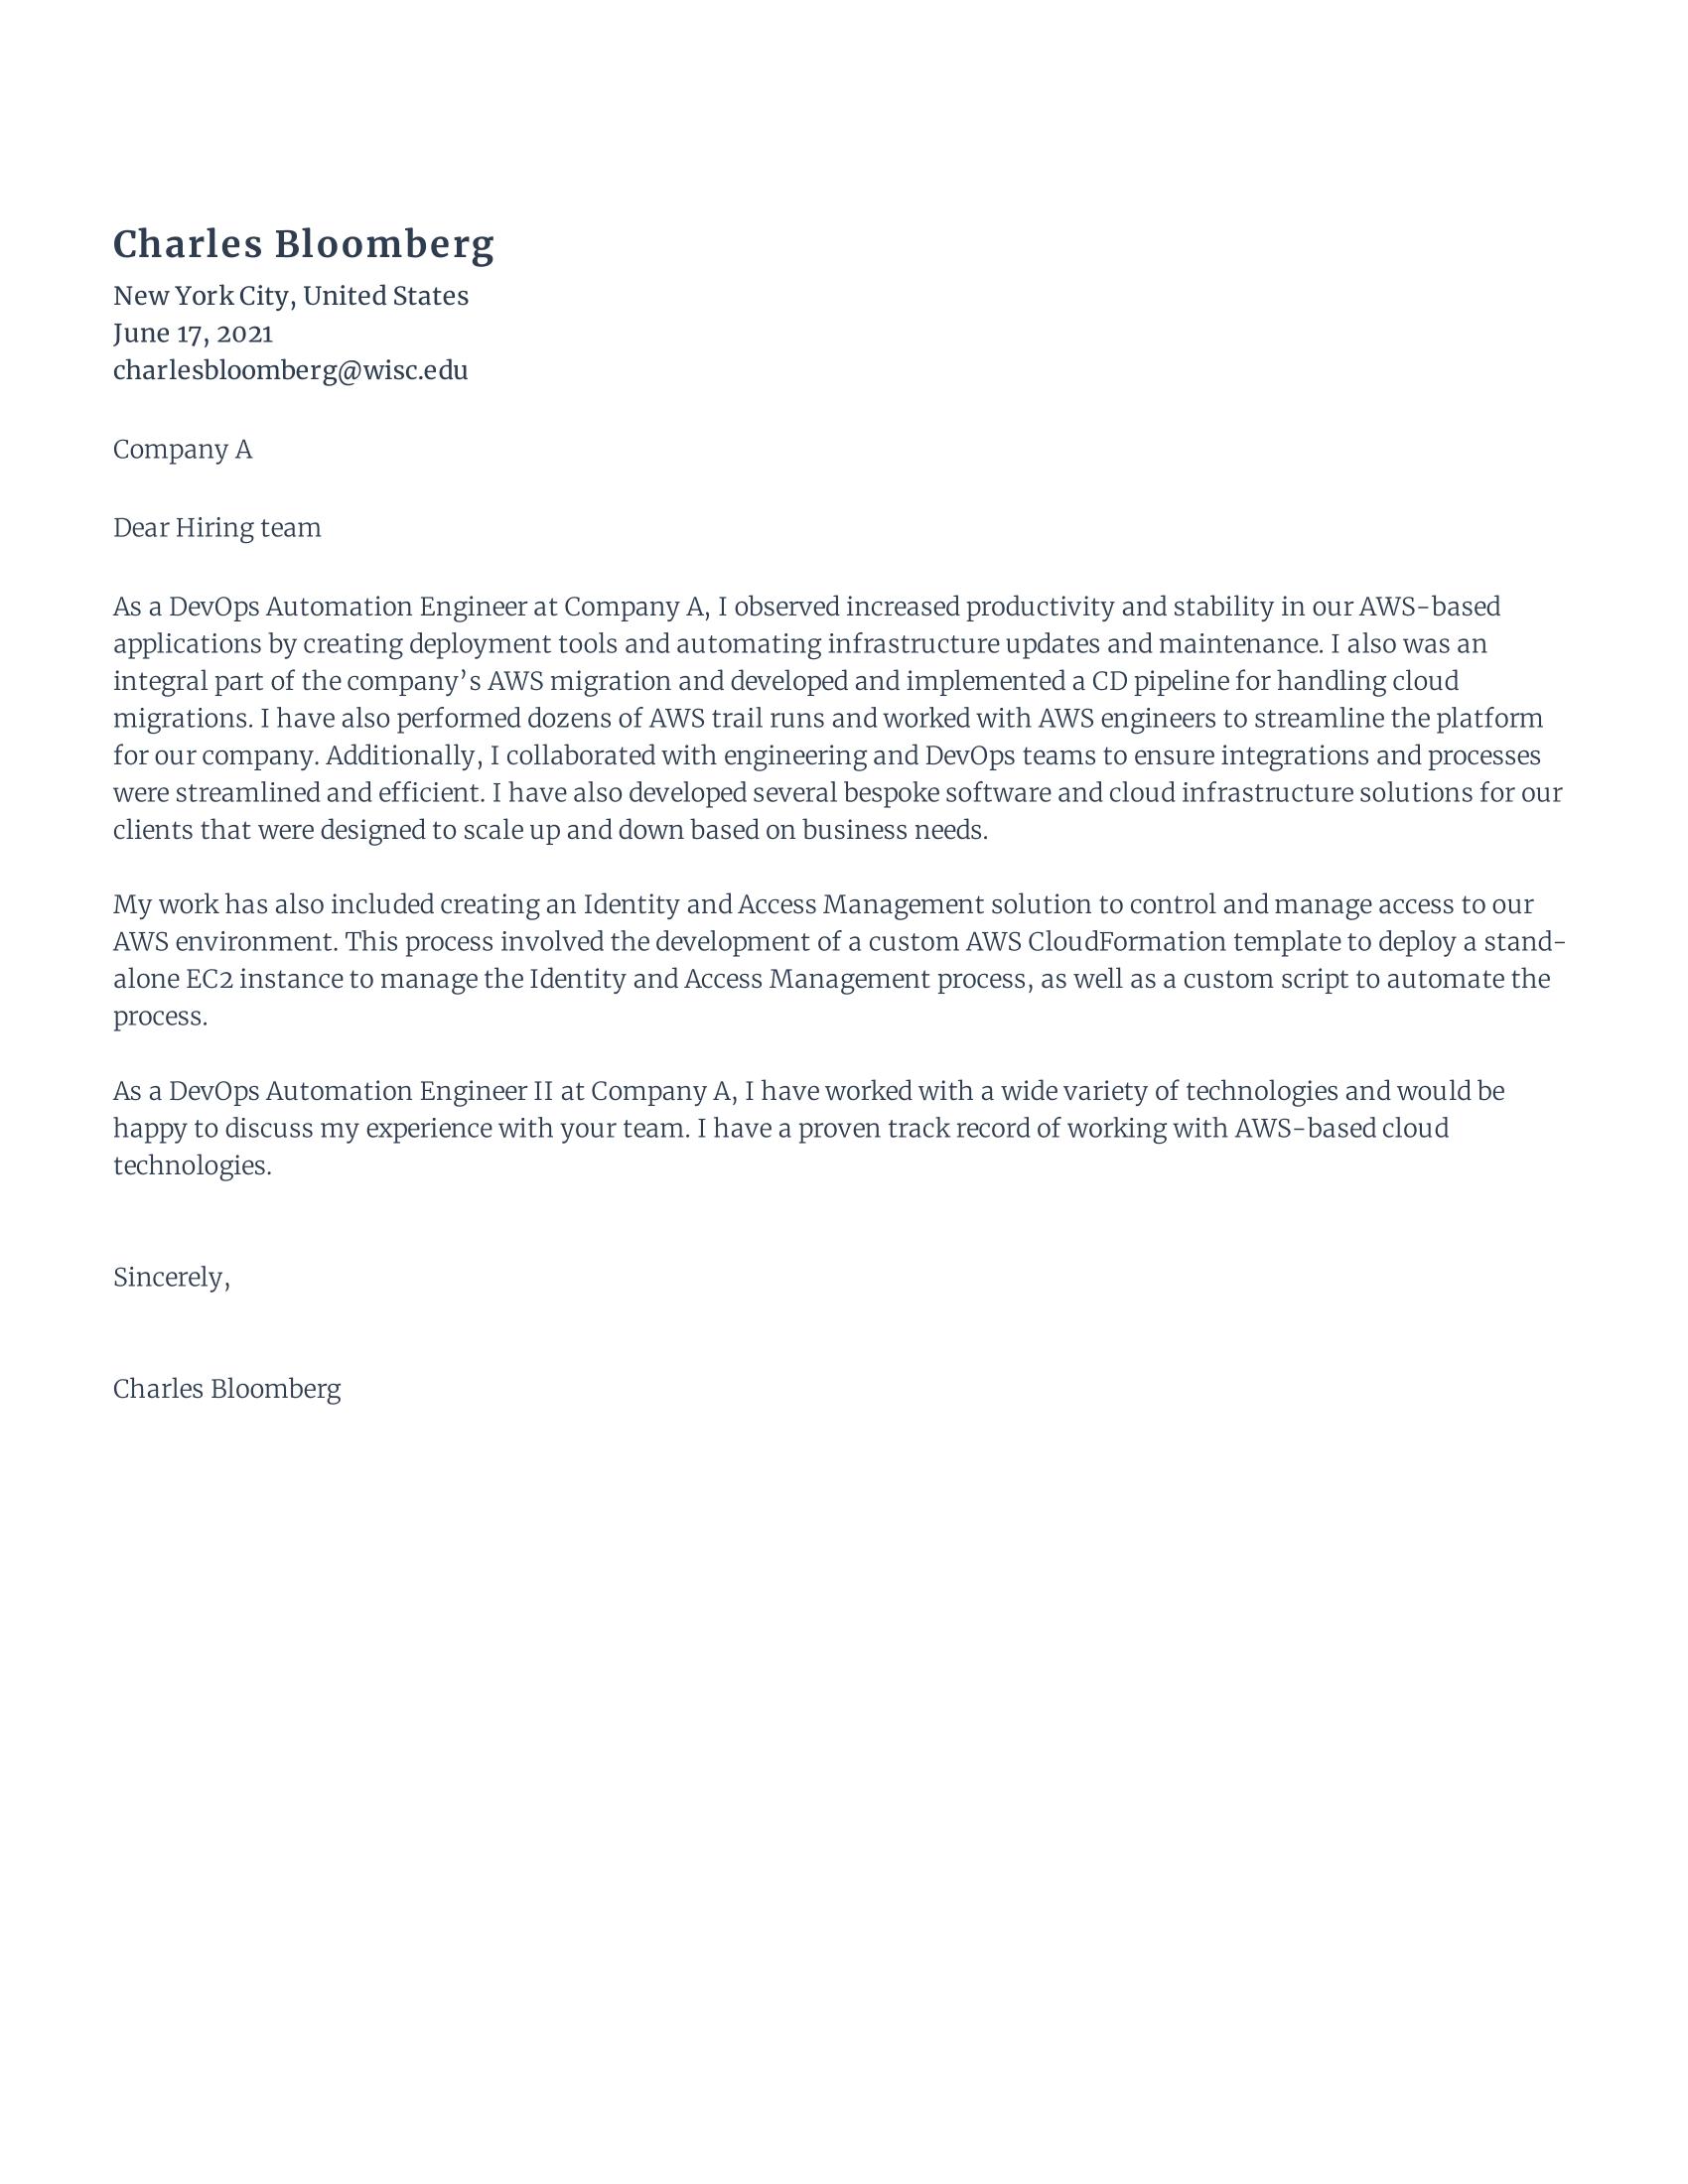 DevOps Engineer Cover Letter